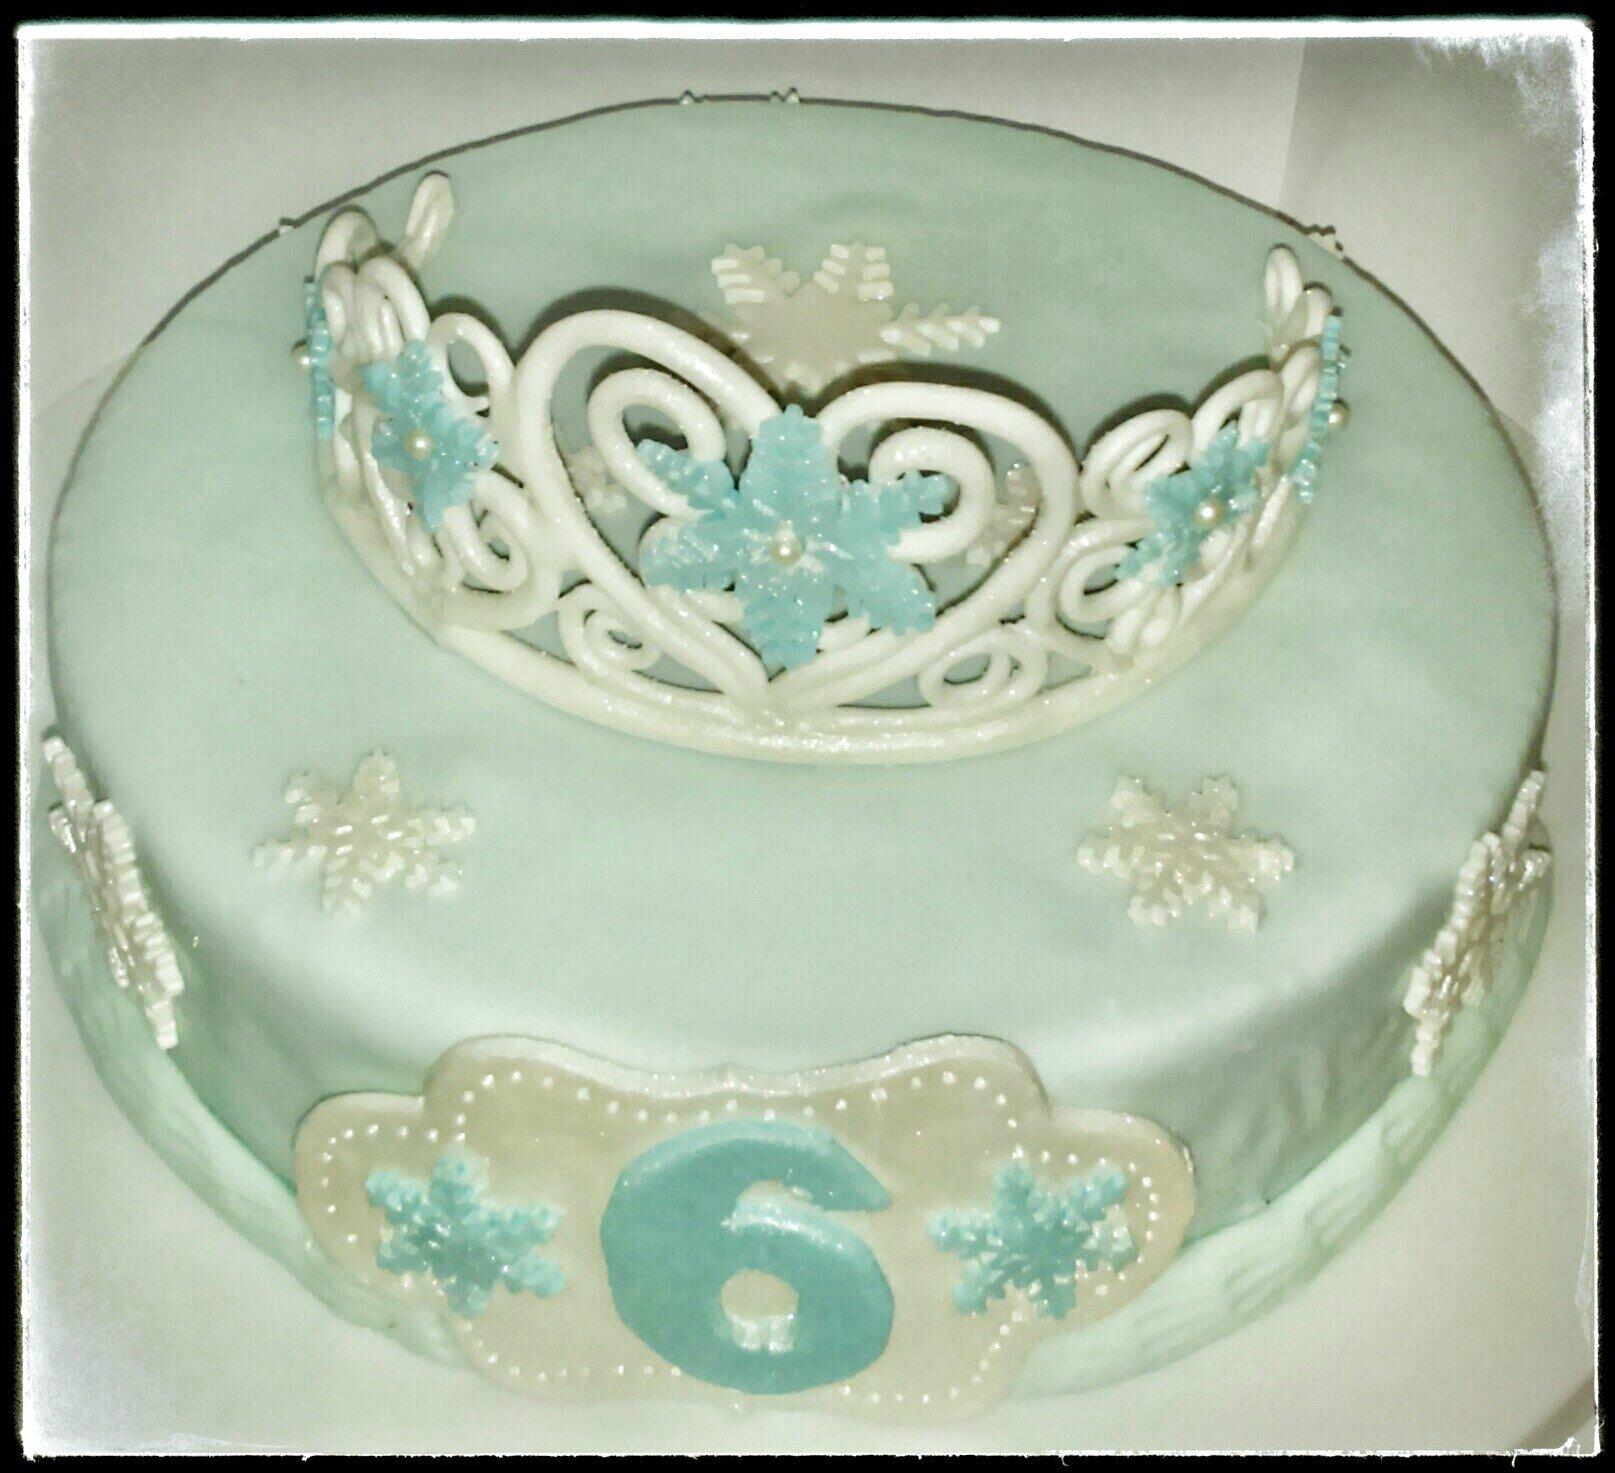 Gateau couronne reine des neiges